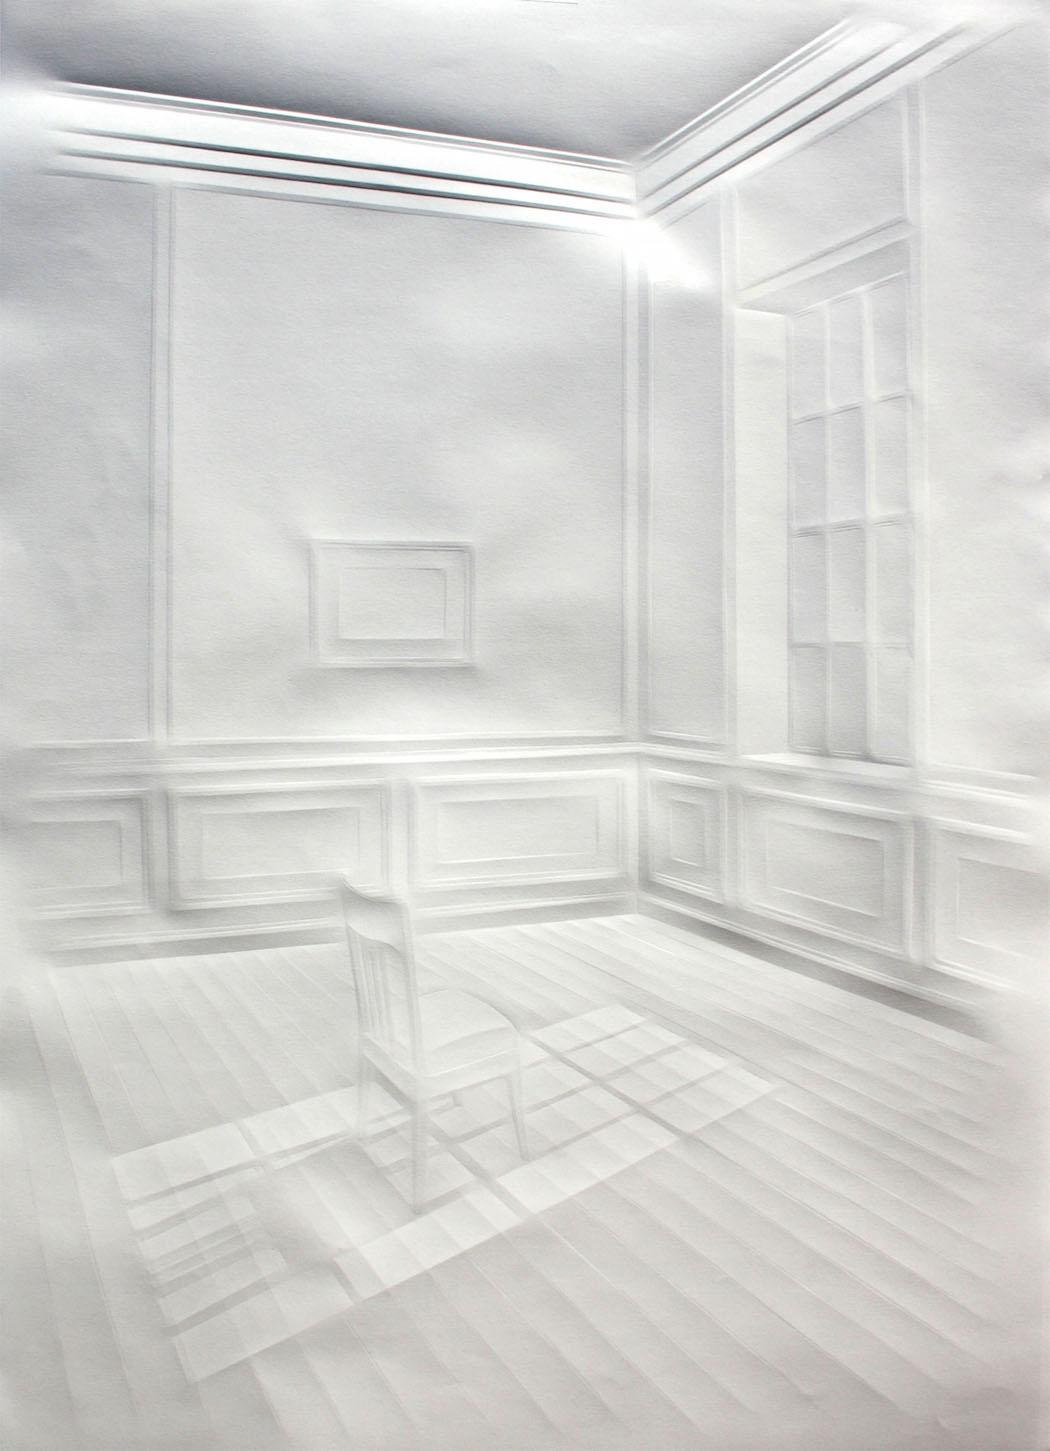 simonschubert(Light on chair),70x50cm,2014